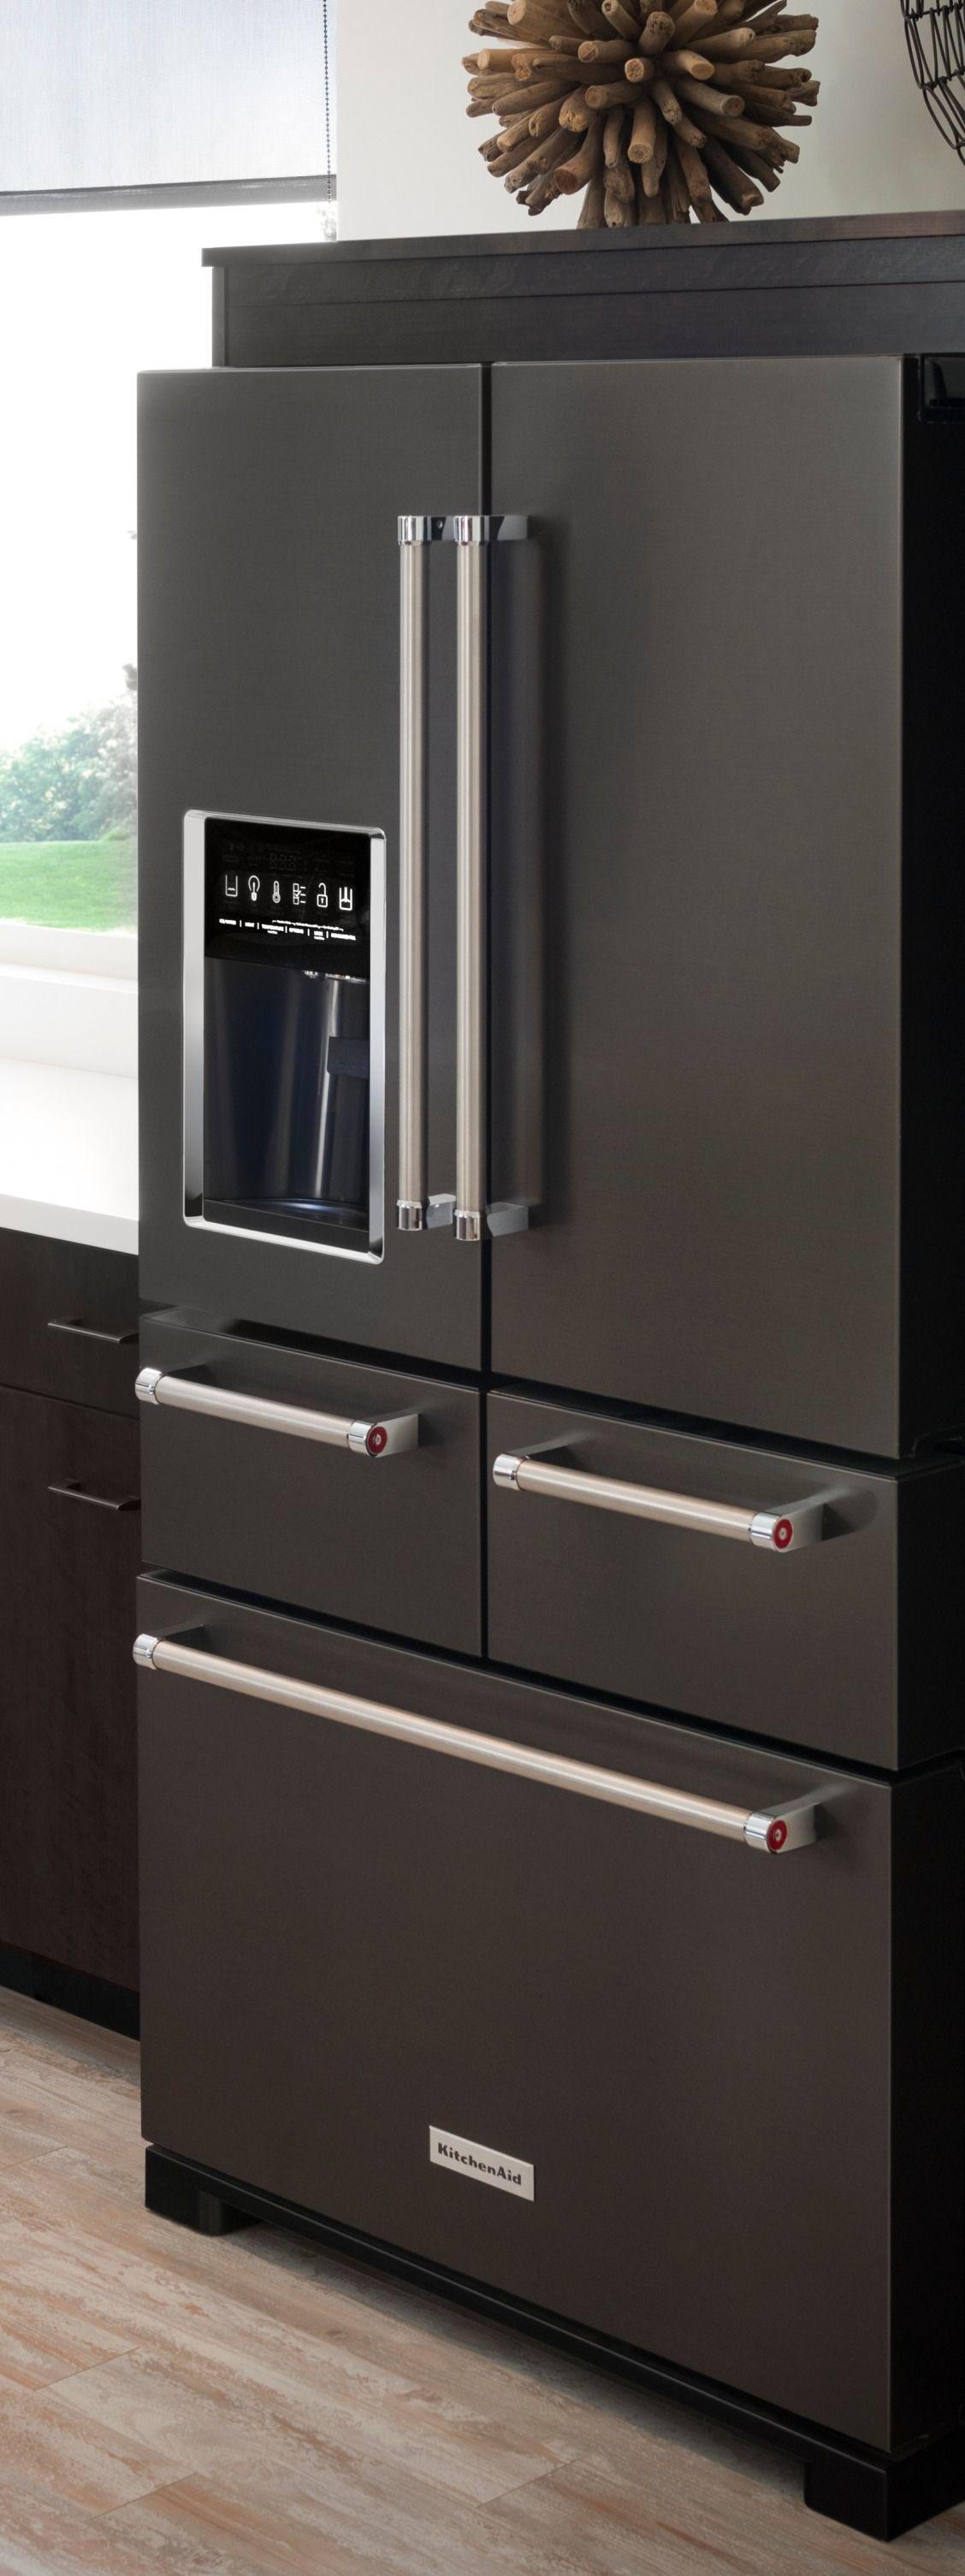 kitchenaid 5 door fridge platinum modern refrigerators black stainless steel appliances give your kitchen bold sleek look kitchenaids 5